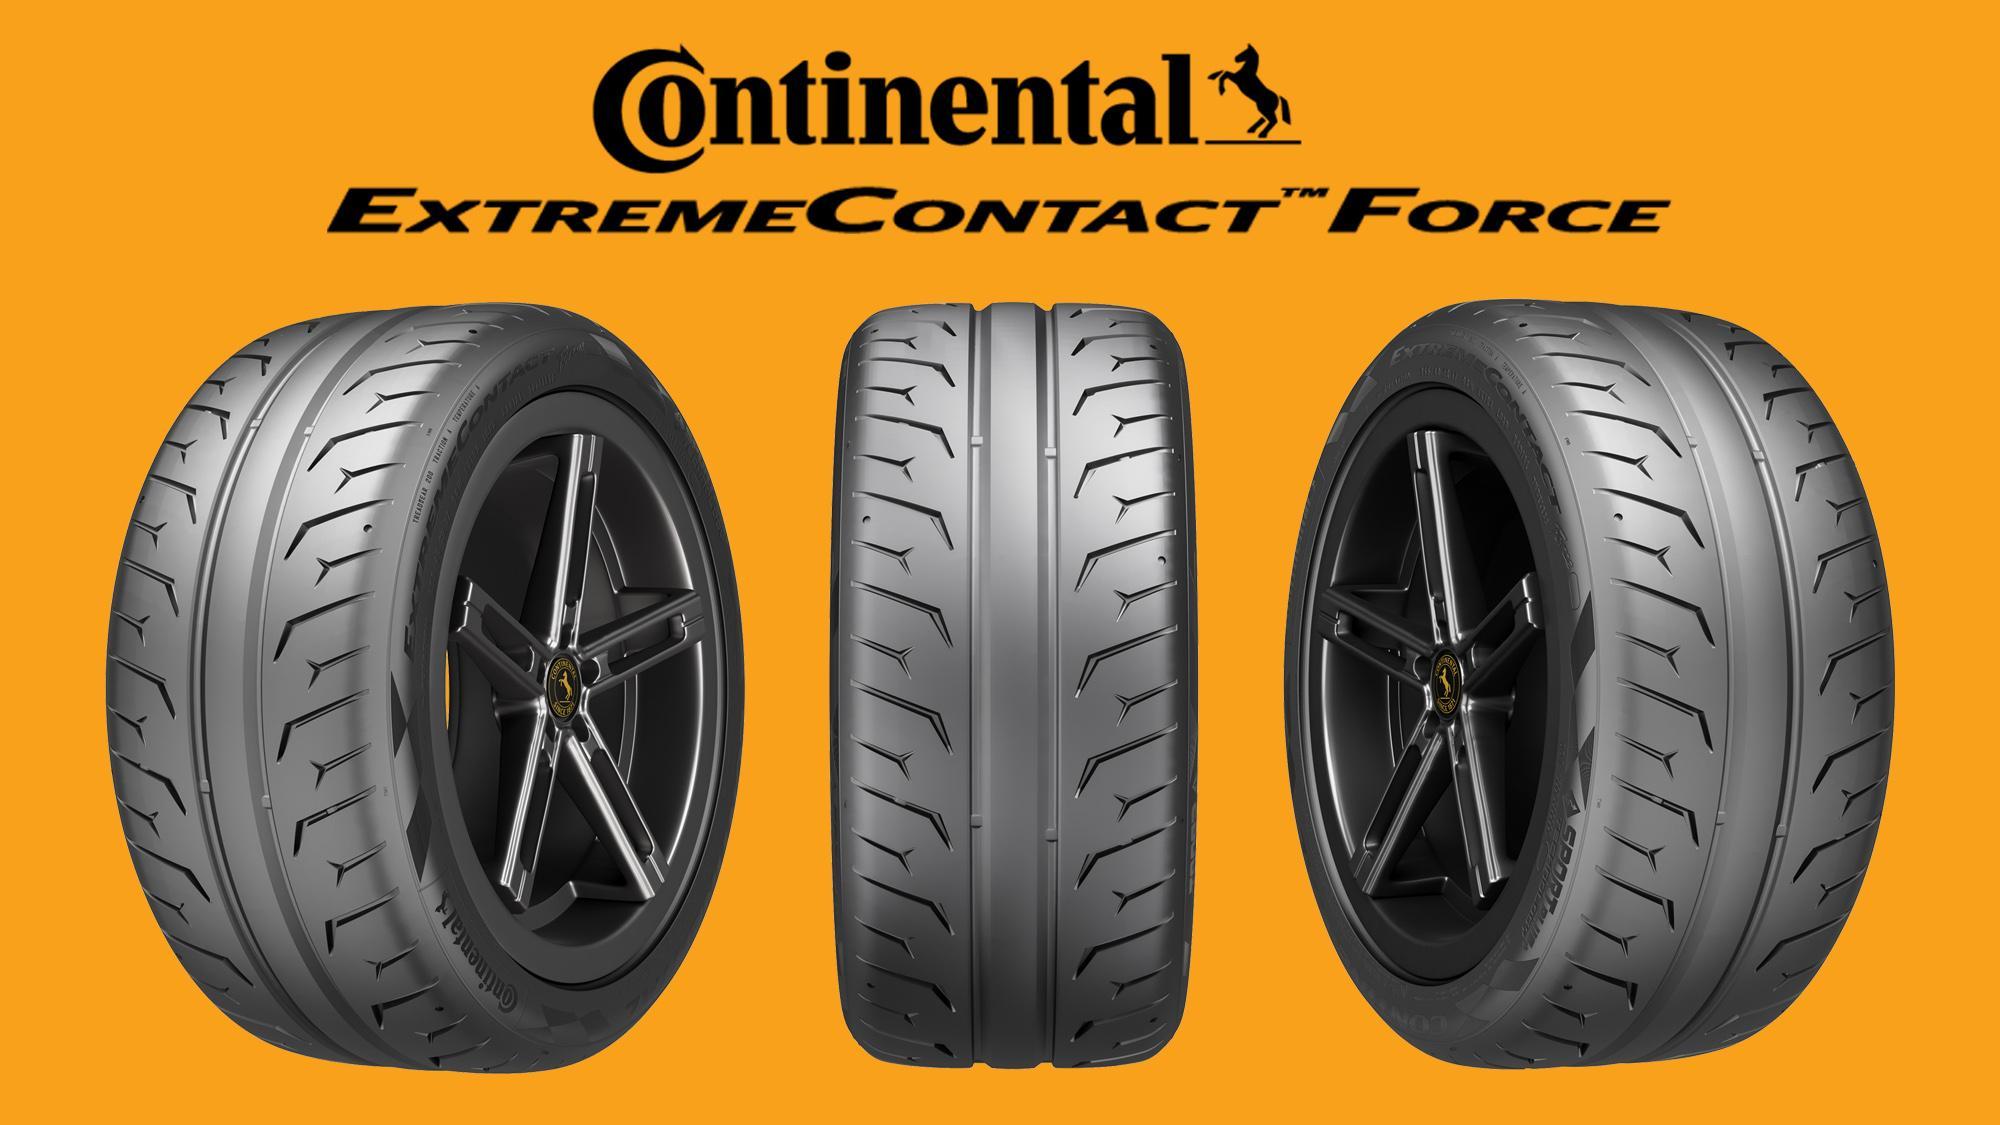 Continental и Hoosier представили новую совместную разработку для гонок на выносливость